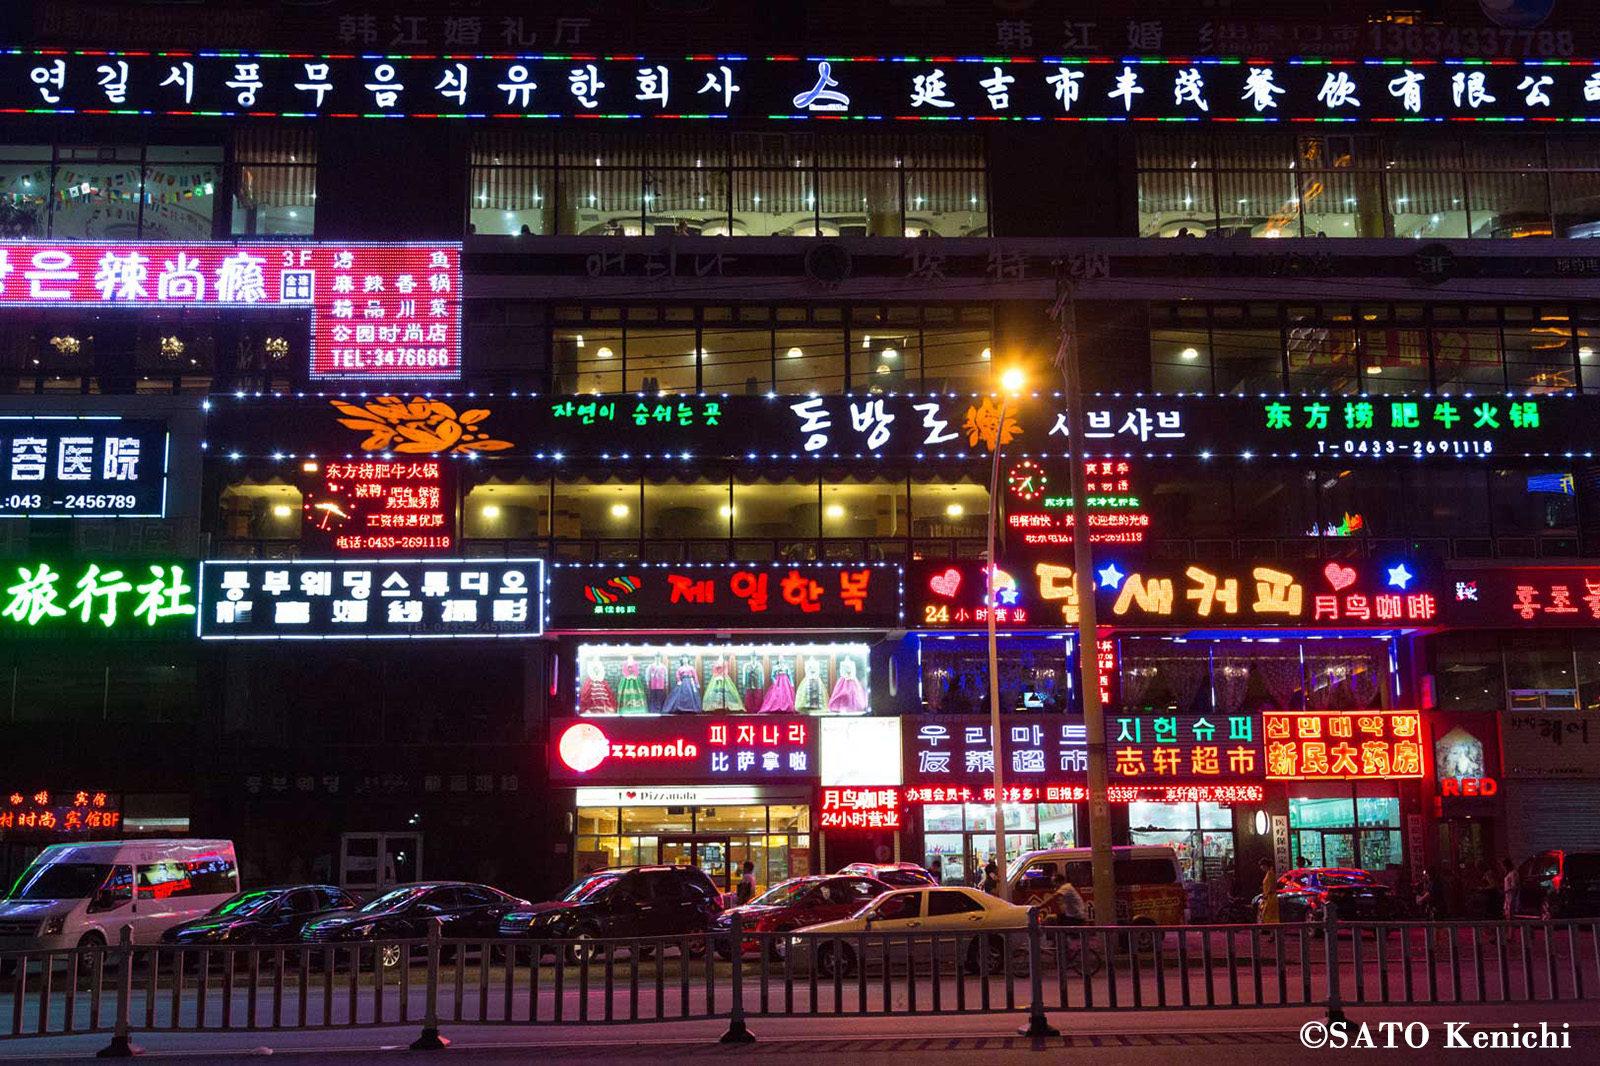 002 中国吉林省延辺朝鮮族自治州、延吉のナイトネオン